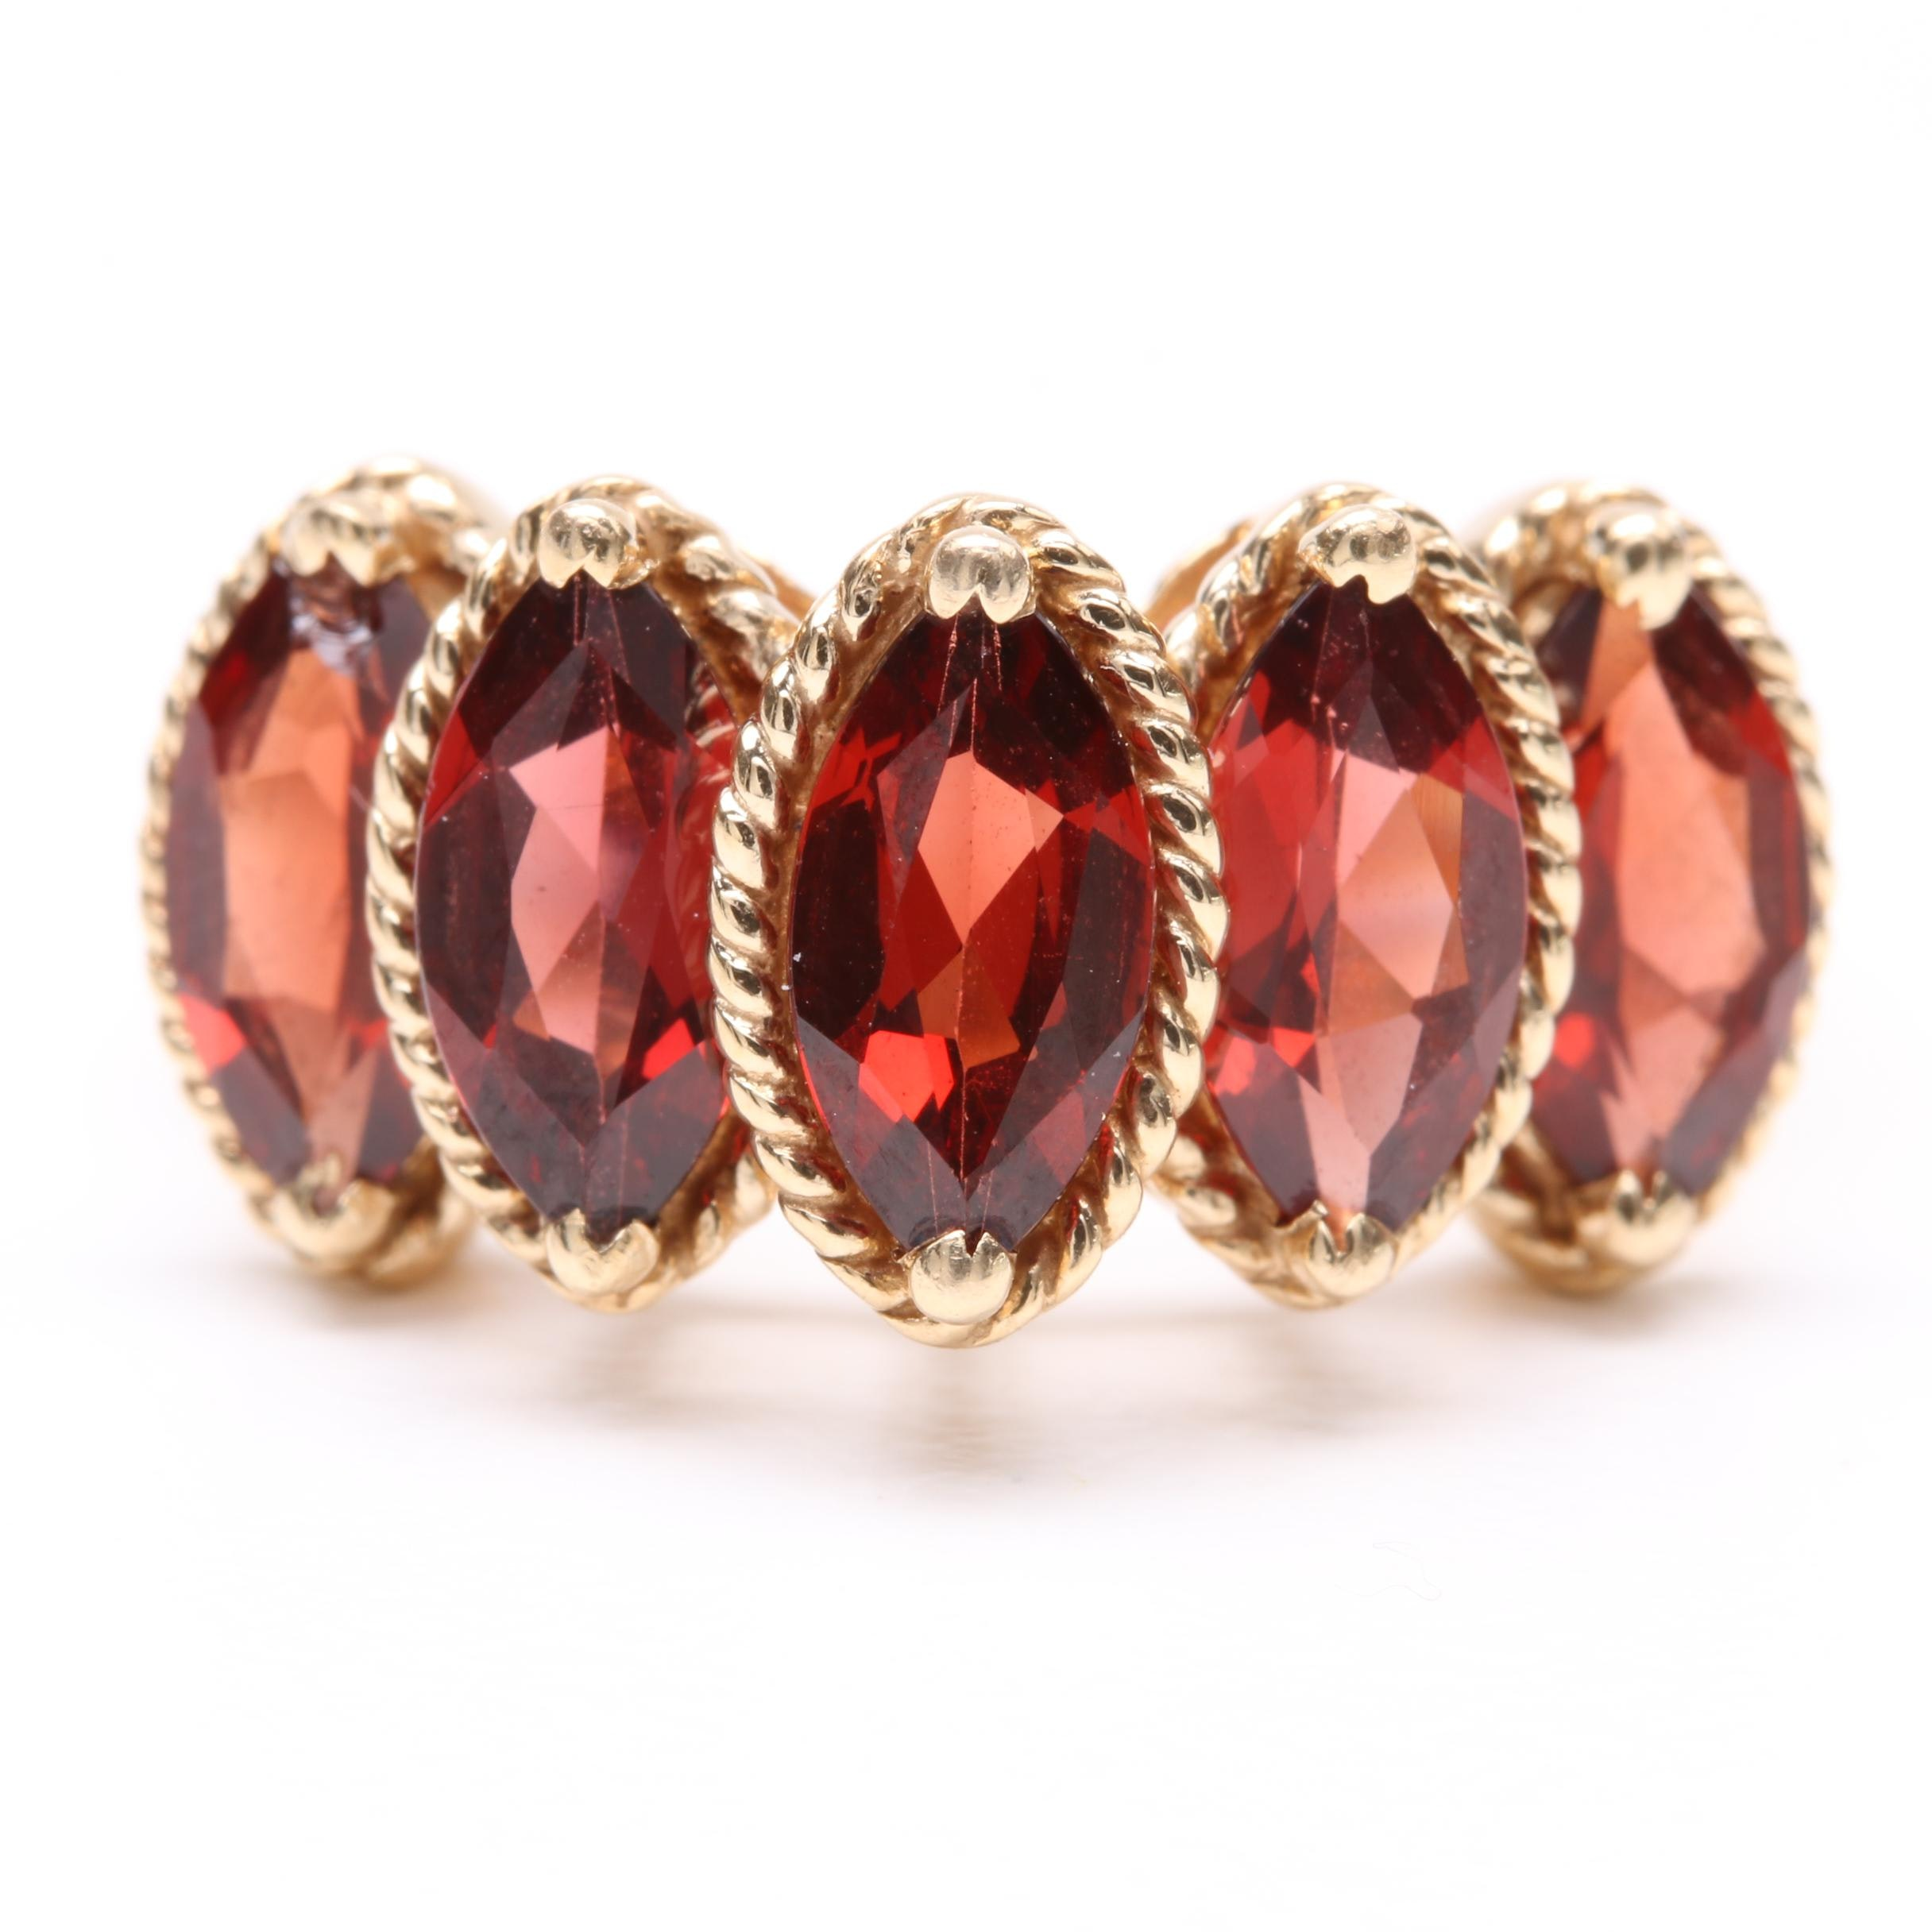 14K Yellow Gold Garnet Ring